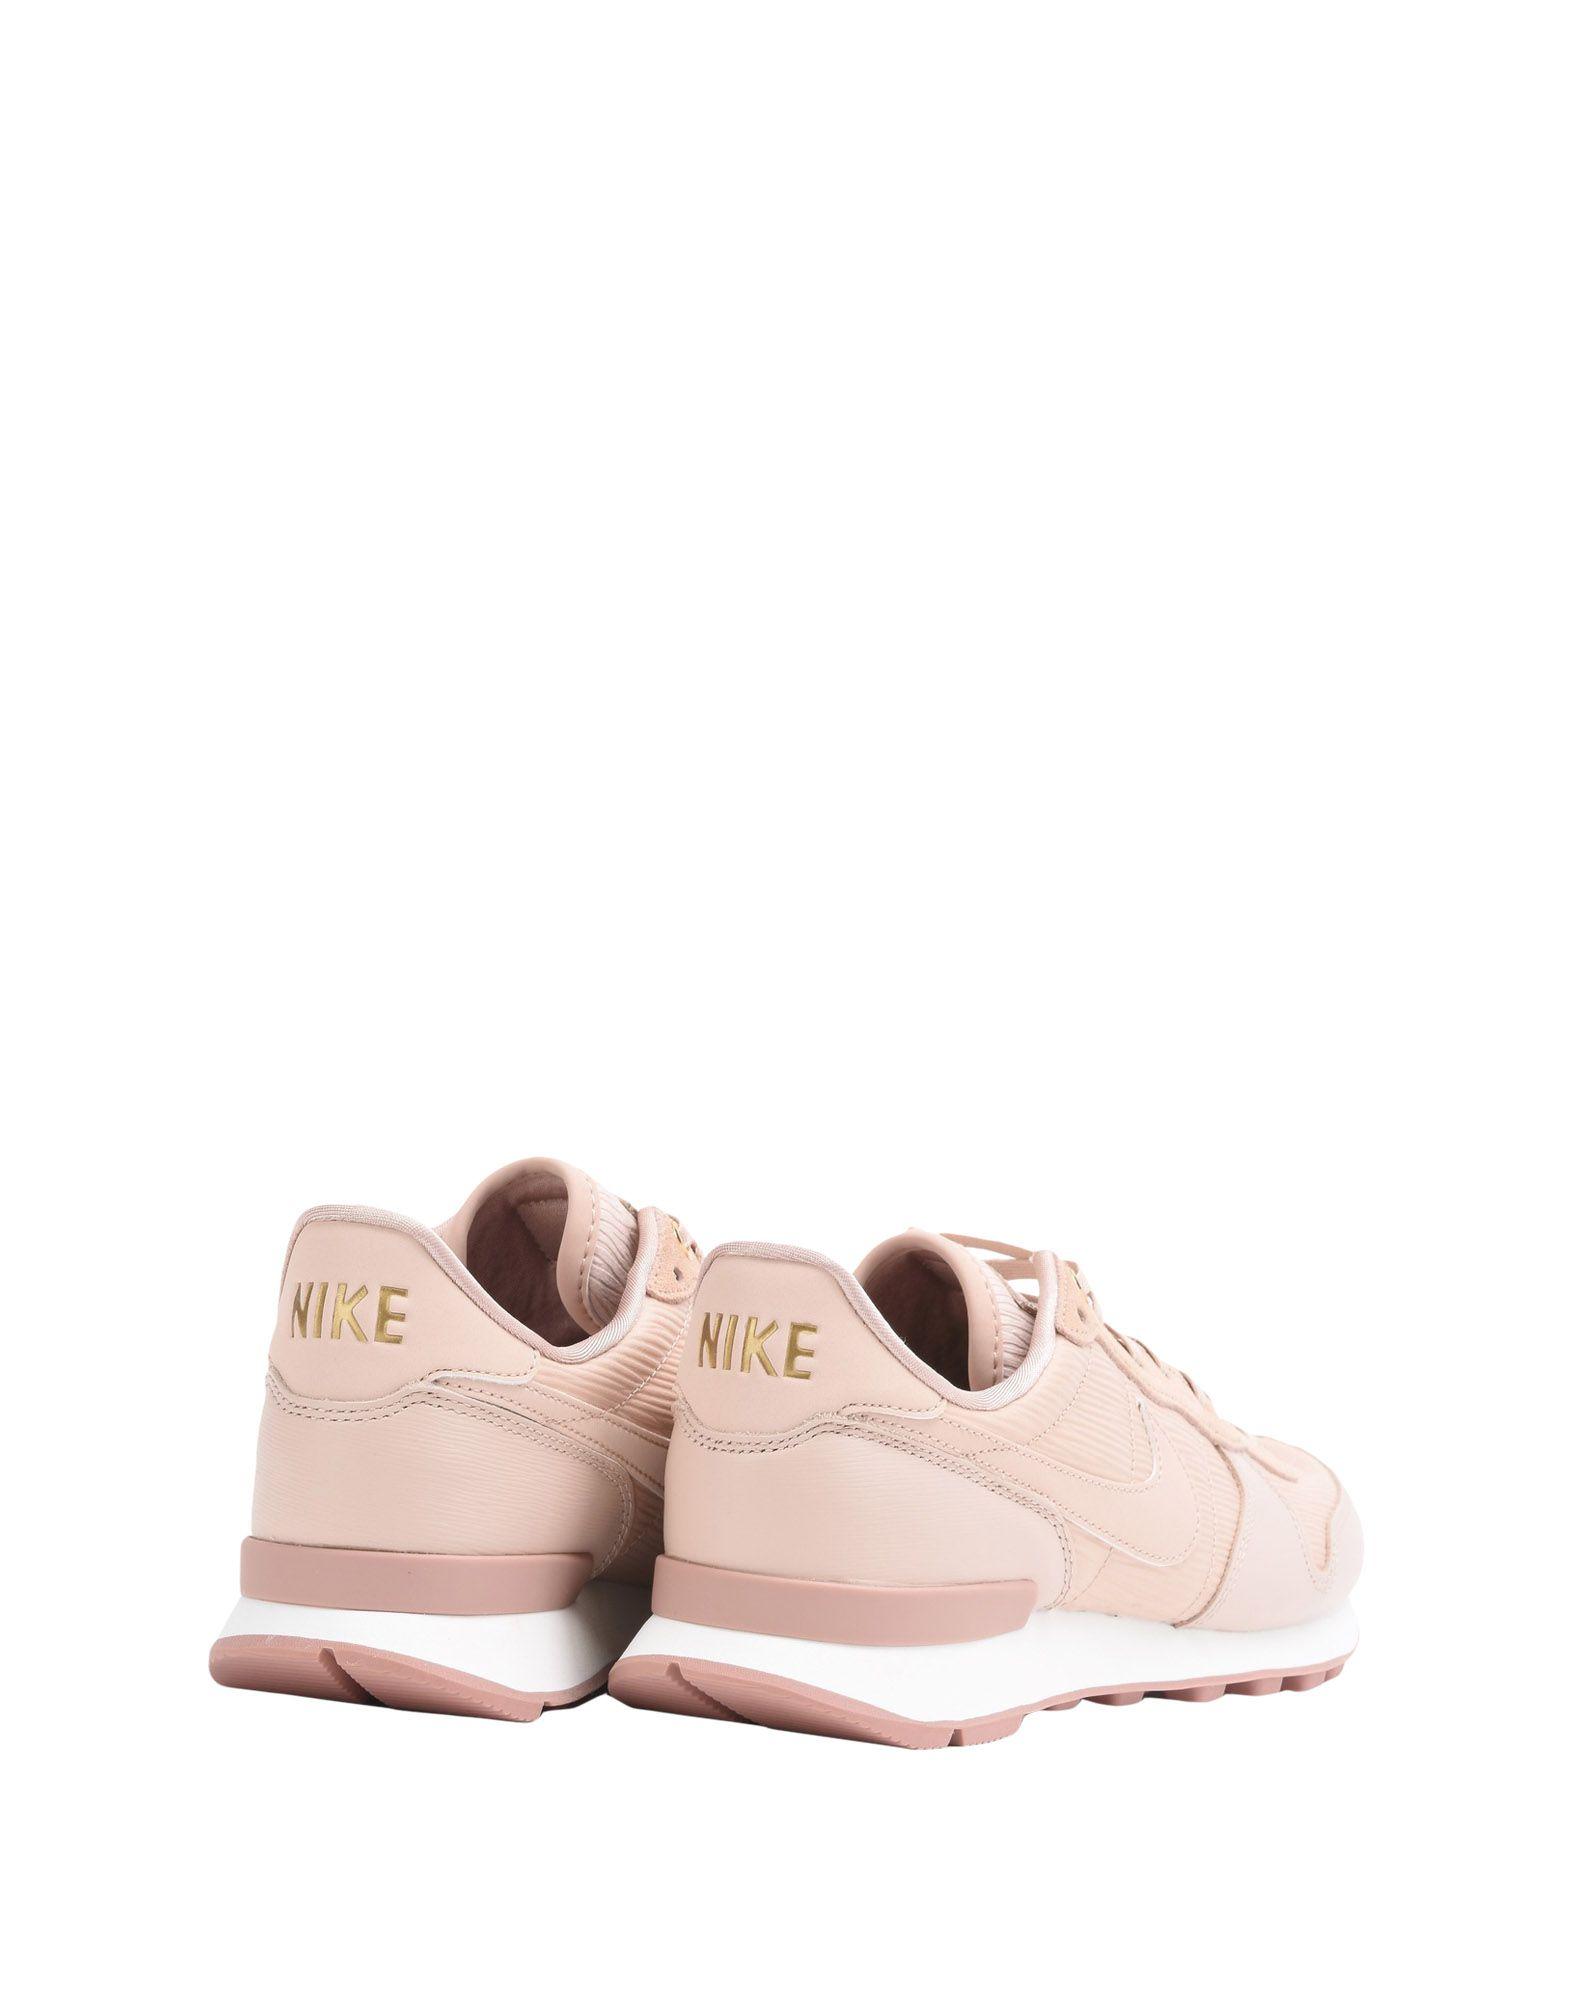 Sneakers Nike Internationalist Premium - Femme - Sneakers Nike sur